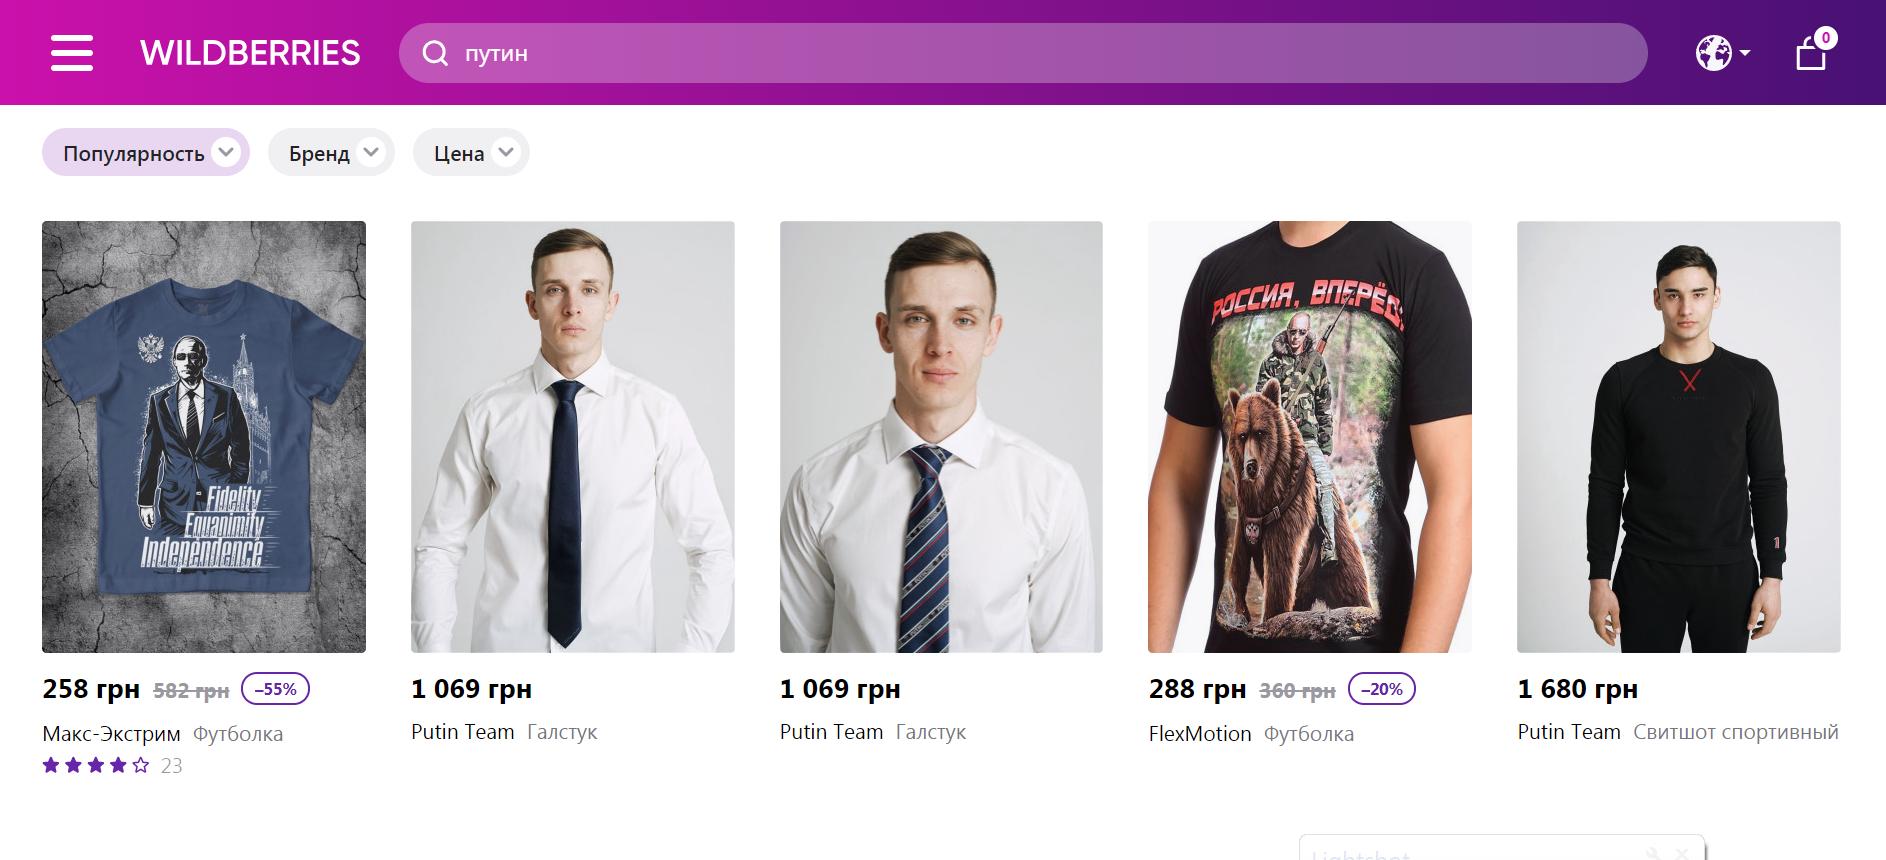 Wildberies в Україні торгує одягом із президентом РФ.